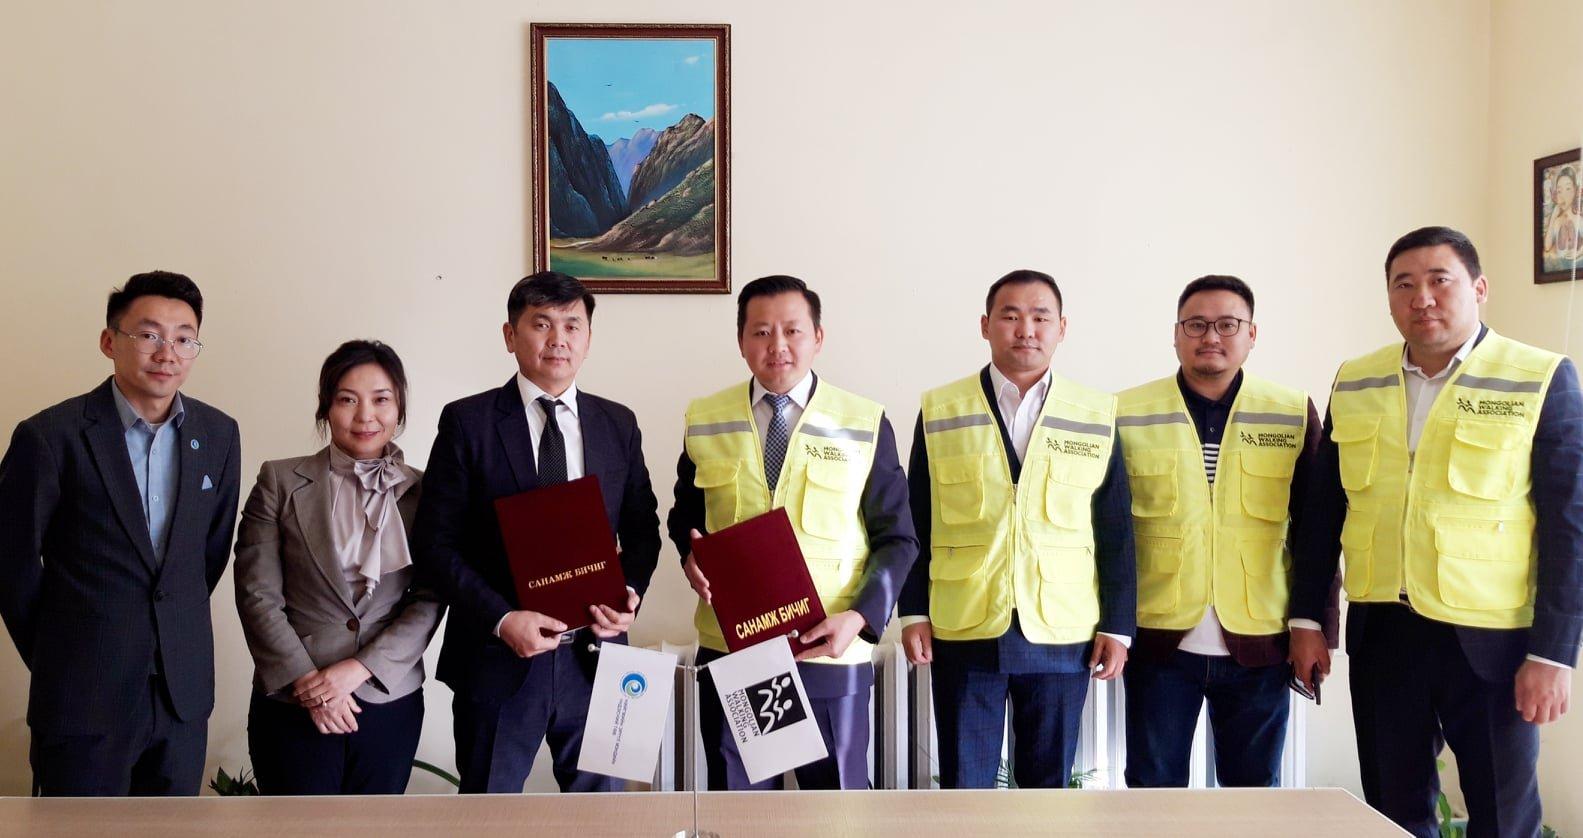 НЭМҮТ Монголын Явган Алхалтын Холбоотой хамтран ажиллана